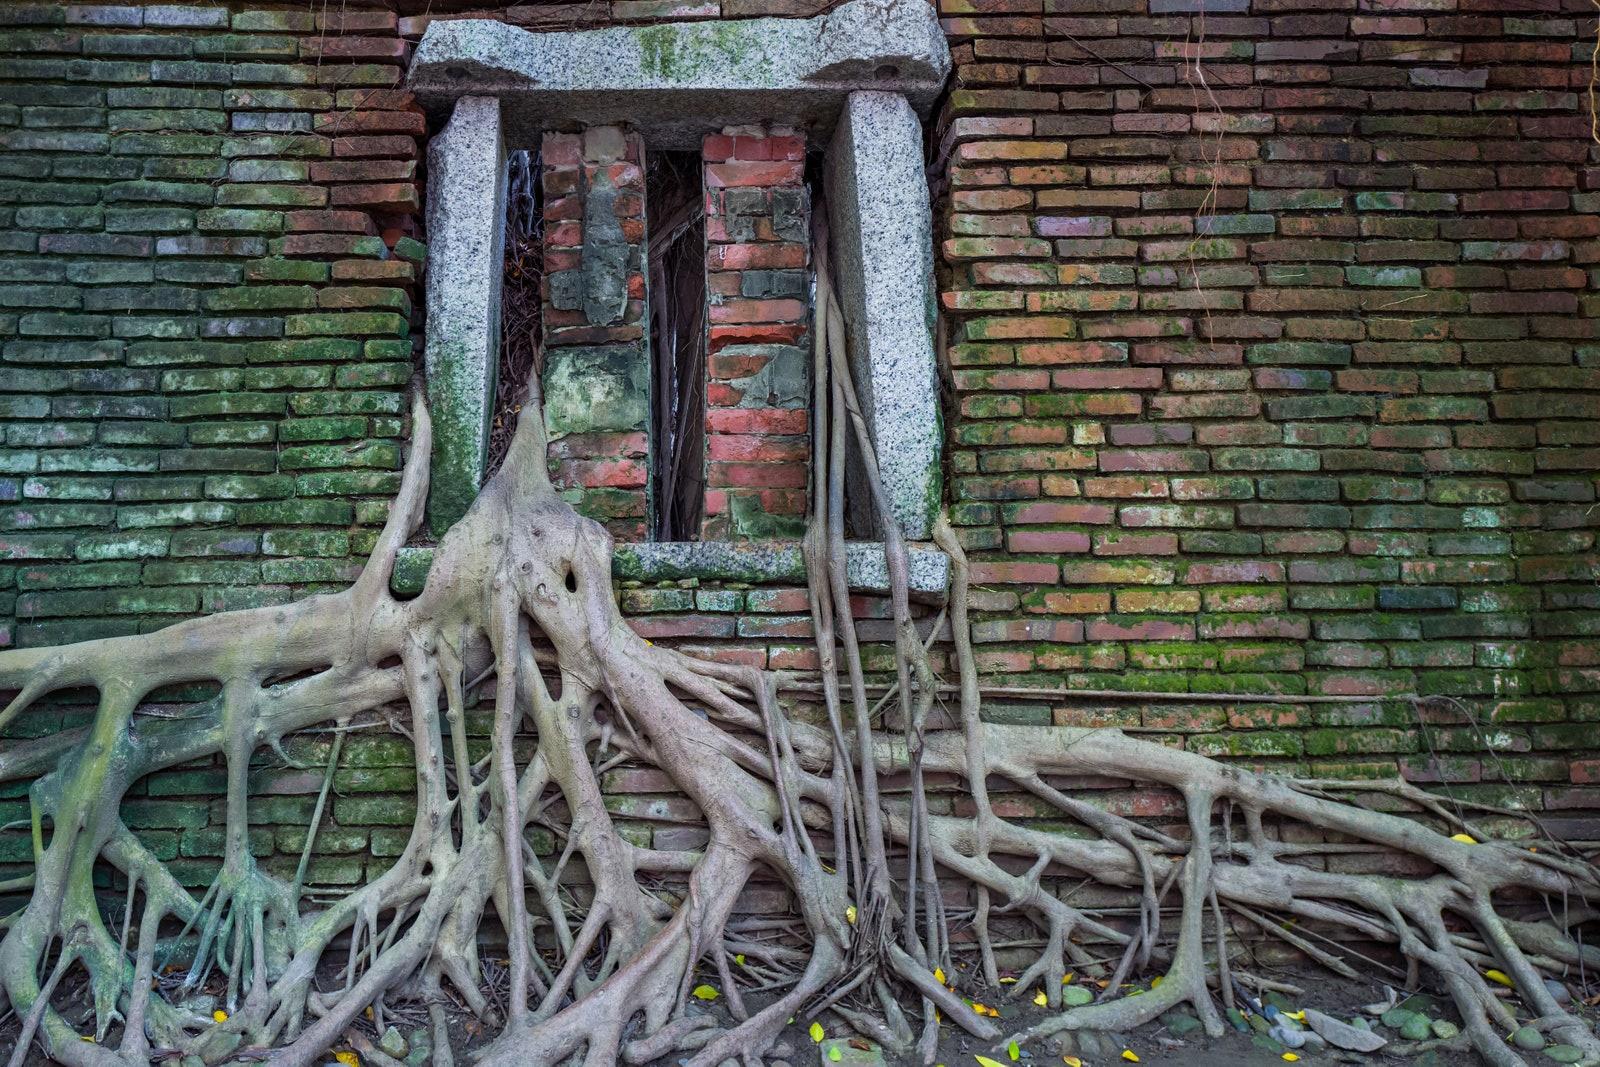 """Ban đầu, nơi đây là nhà kho thuộc sở hữu của người Anh và bị bỏ trống vào khoảng thế kỷ 19. Một cây đa cổ thụ gần đó đã đâm xuyên qua các bức tường gạch và sàn bê tông của tòa nhà, tạo ra """"ngôi nhà trên cây"""" độc đáo. Ngày nay, du khách có thể khám phá điểm đến kỳ lạ chỉ với 1,7 USD. Ảhh: Getty"""